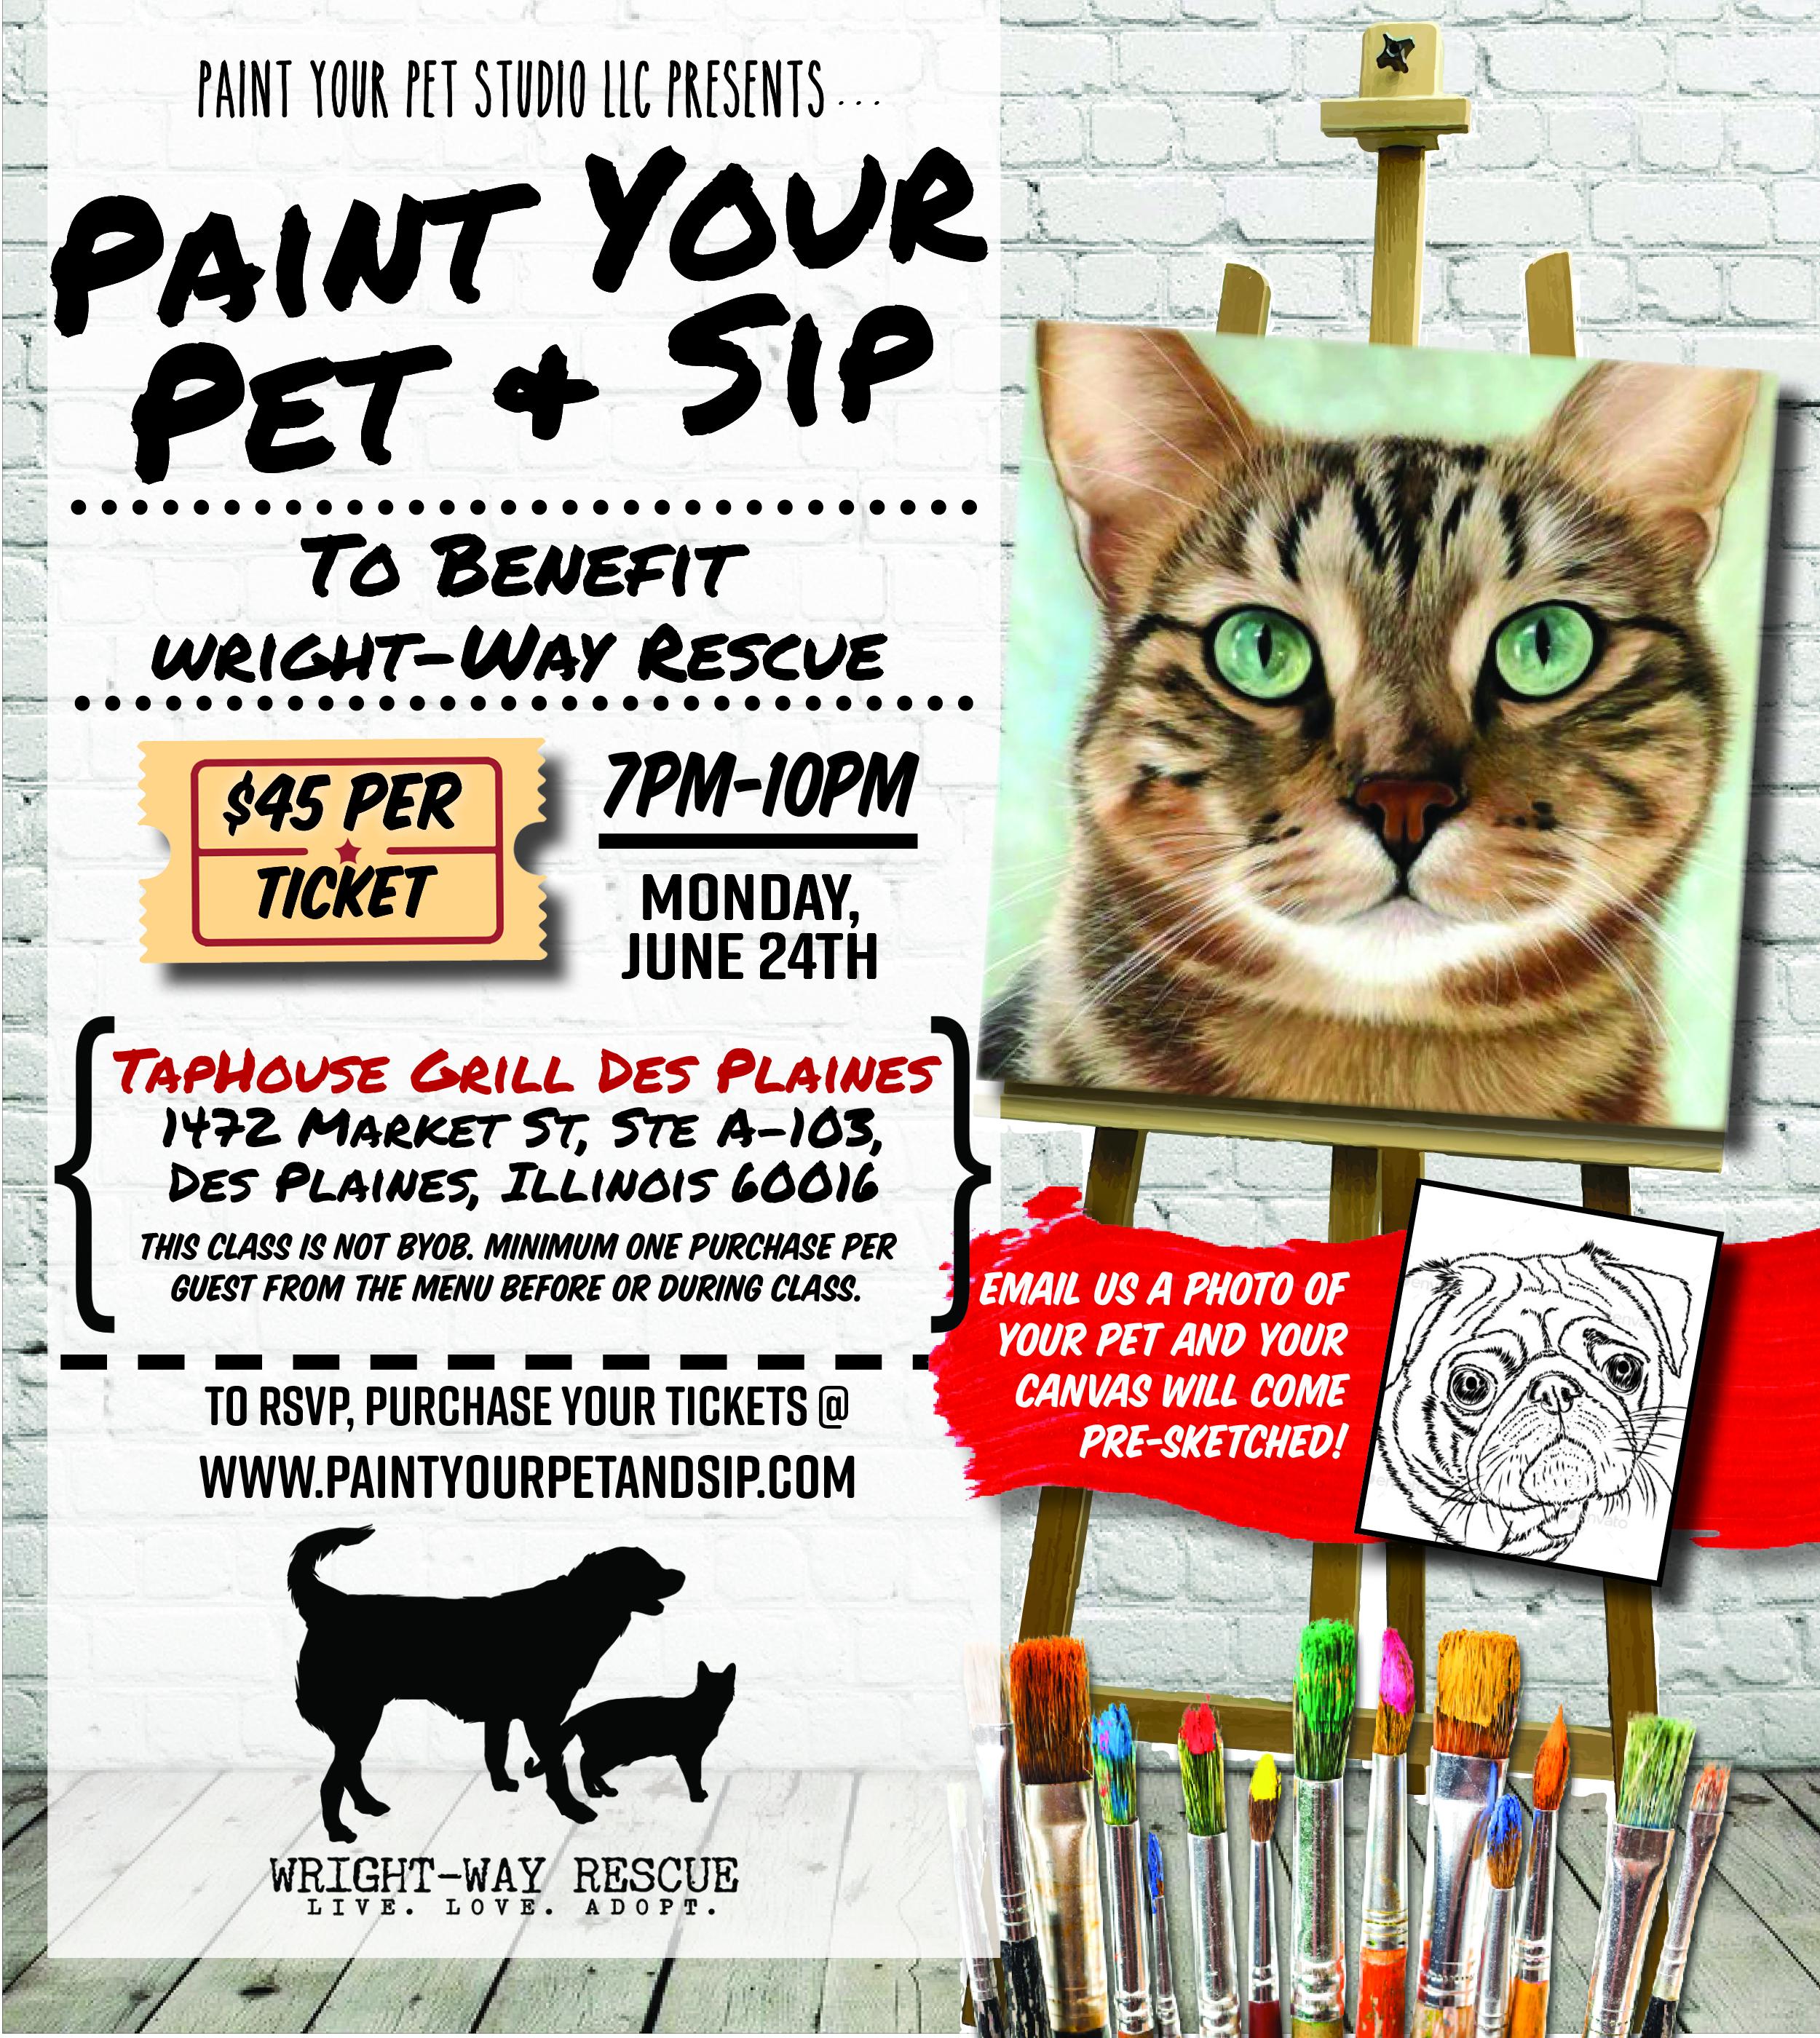 paintyourpetflyer_wrightwayrescue.jpg